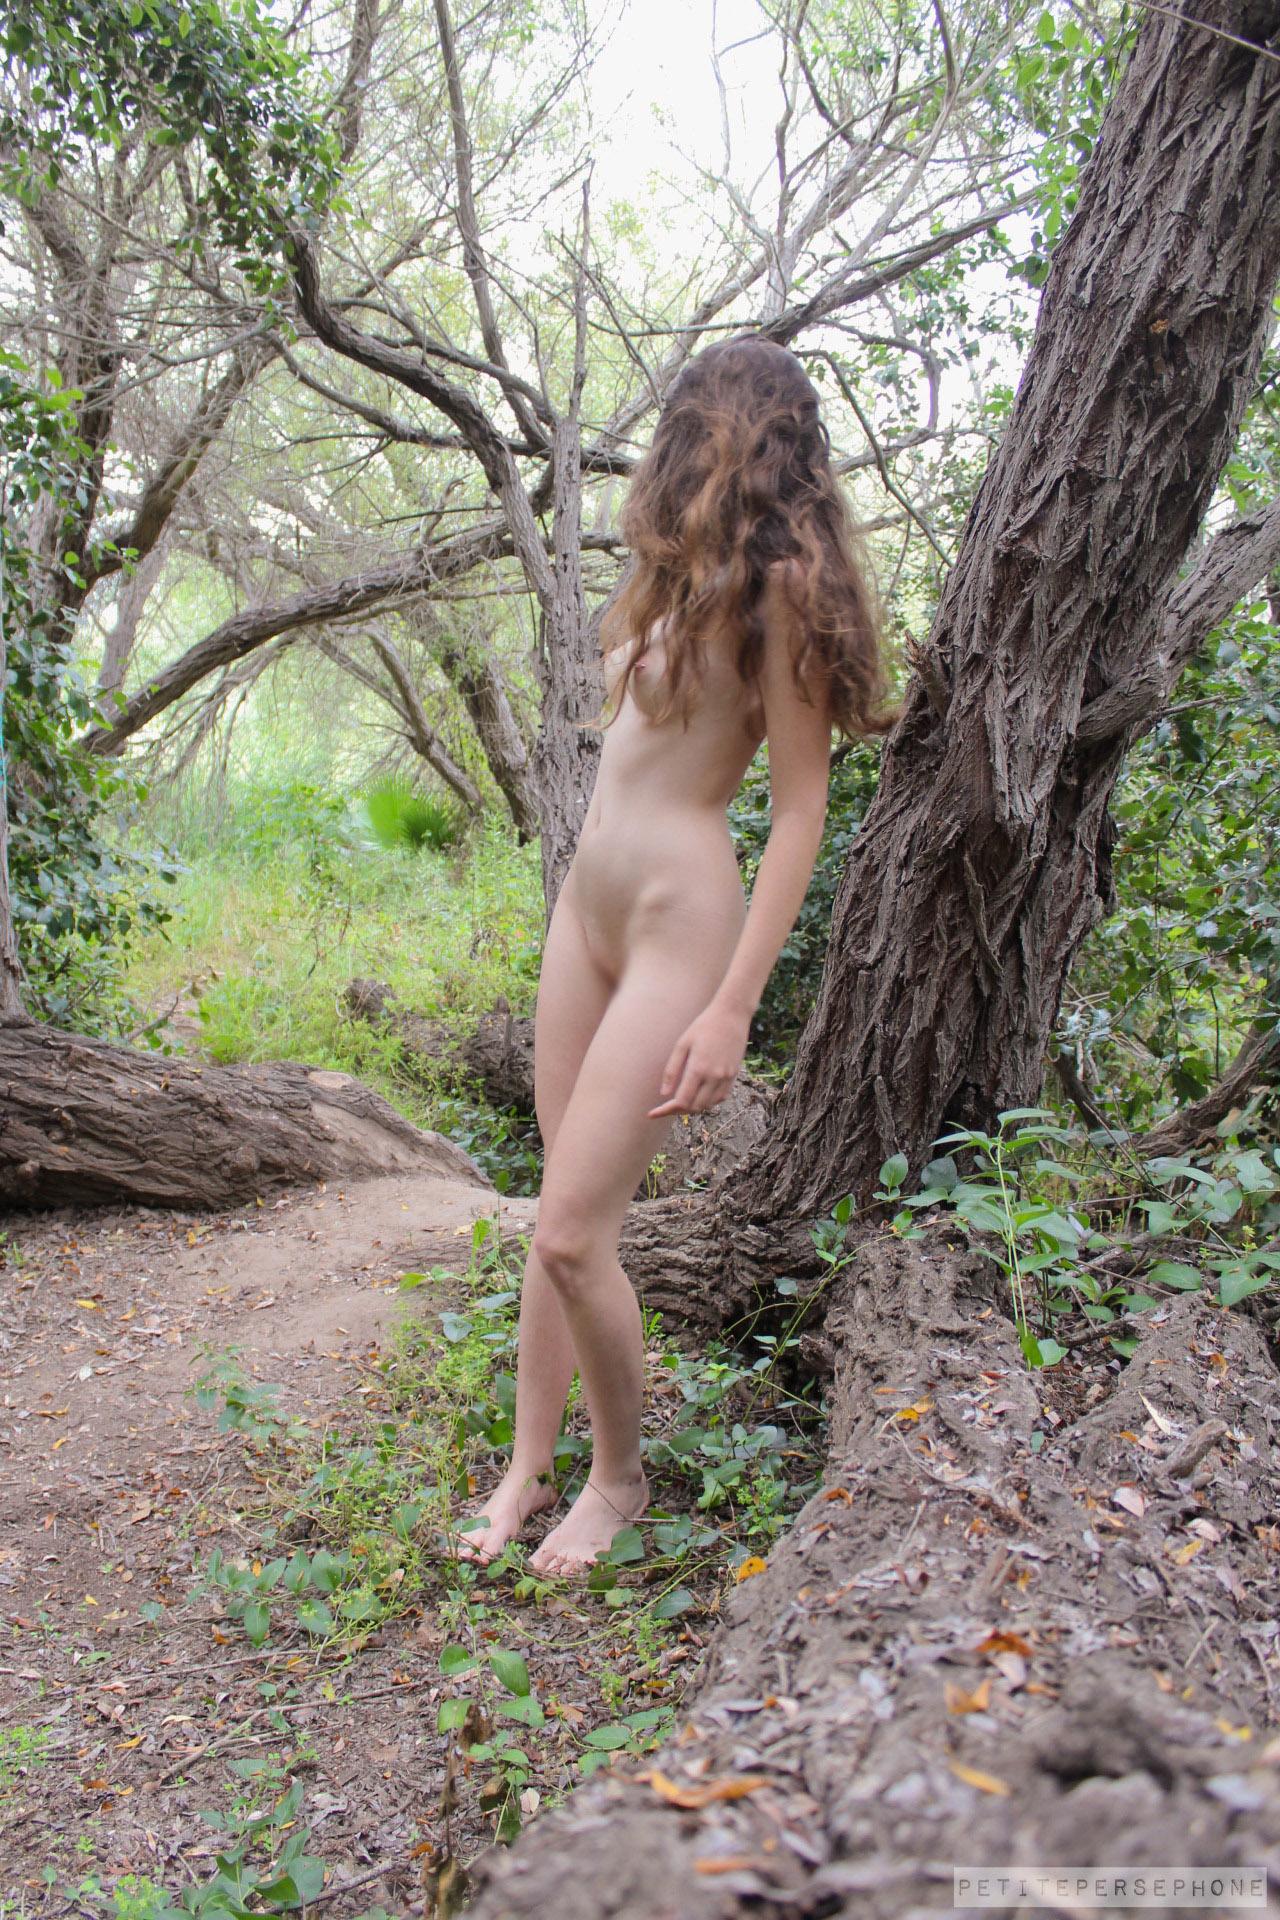 【海外エロ画像】卑猥さが薄れて…いる!?自然で裸体を晒す碧眼美女www 22